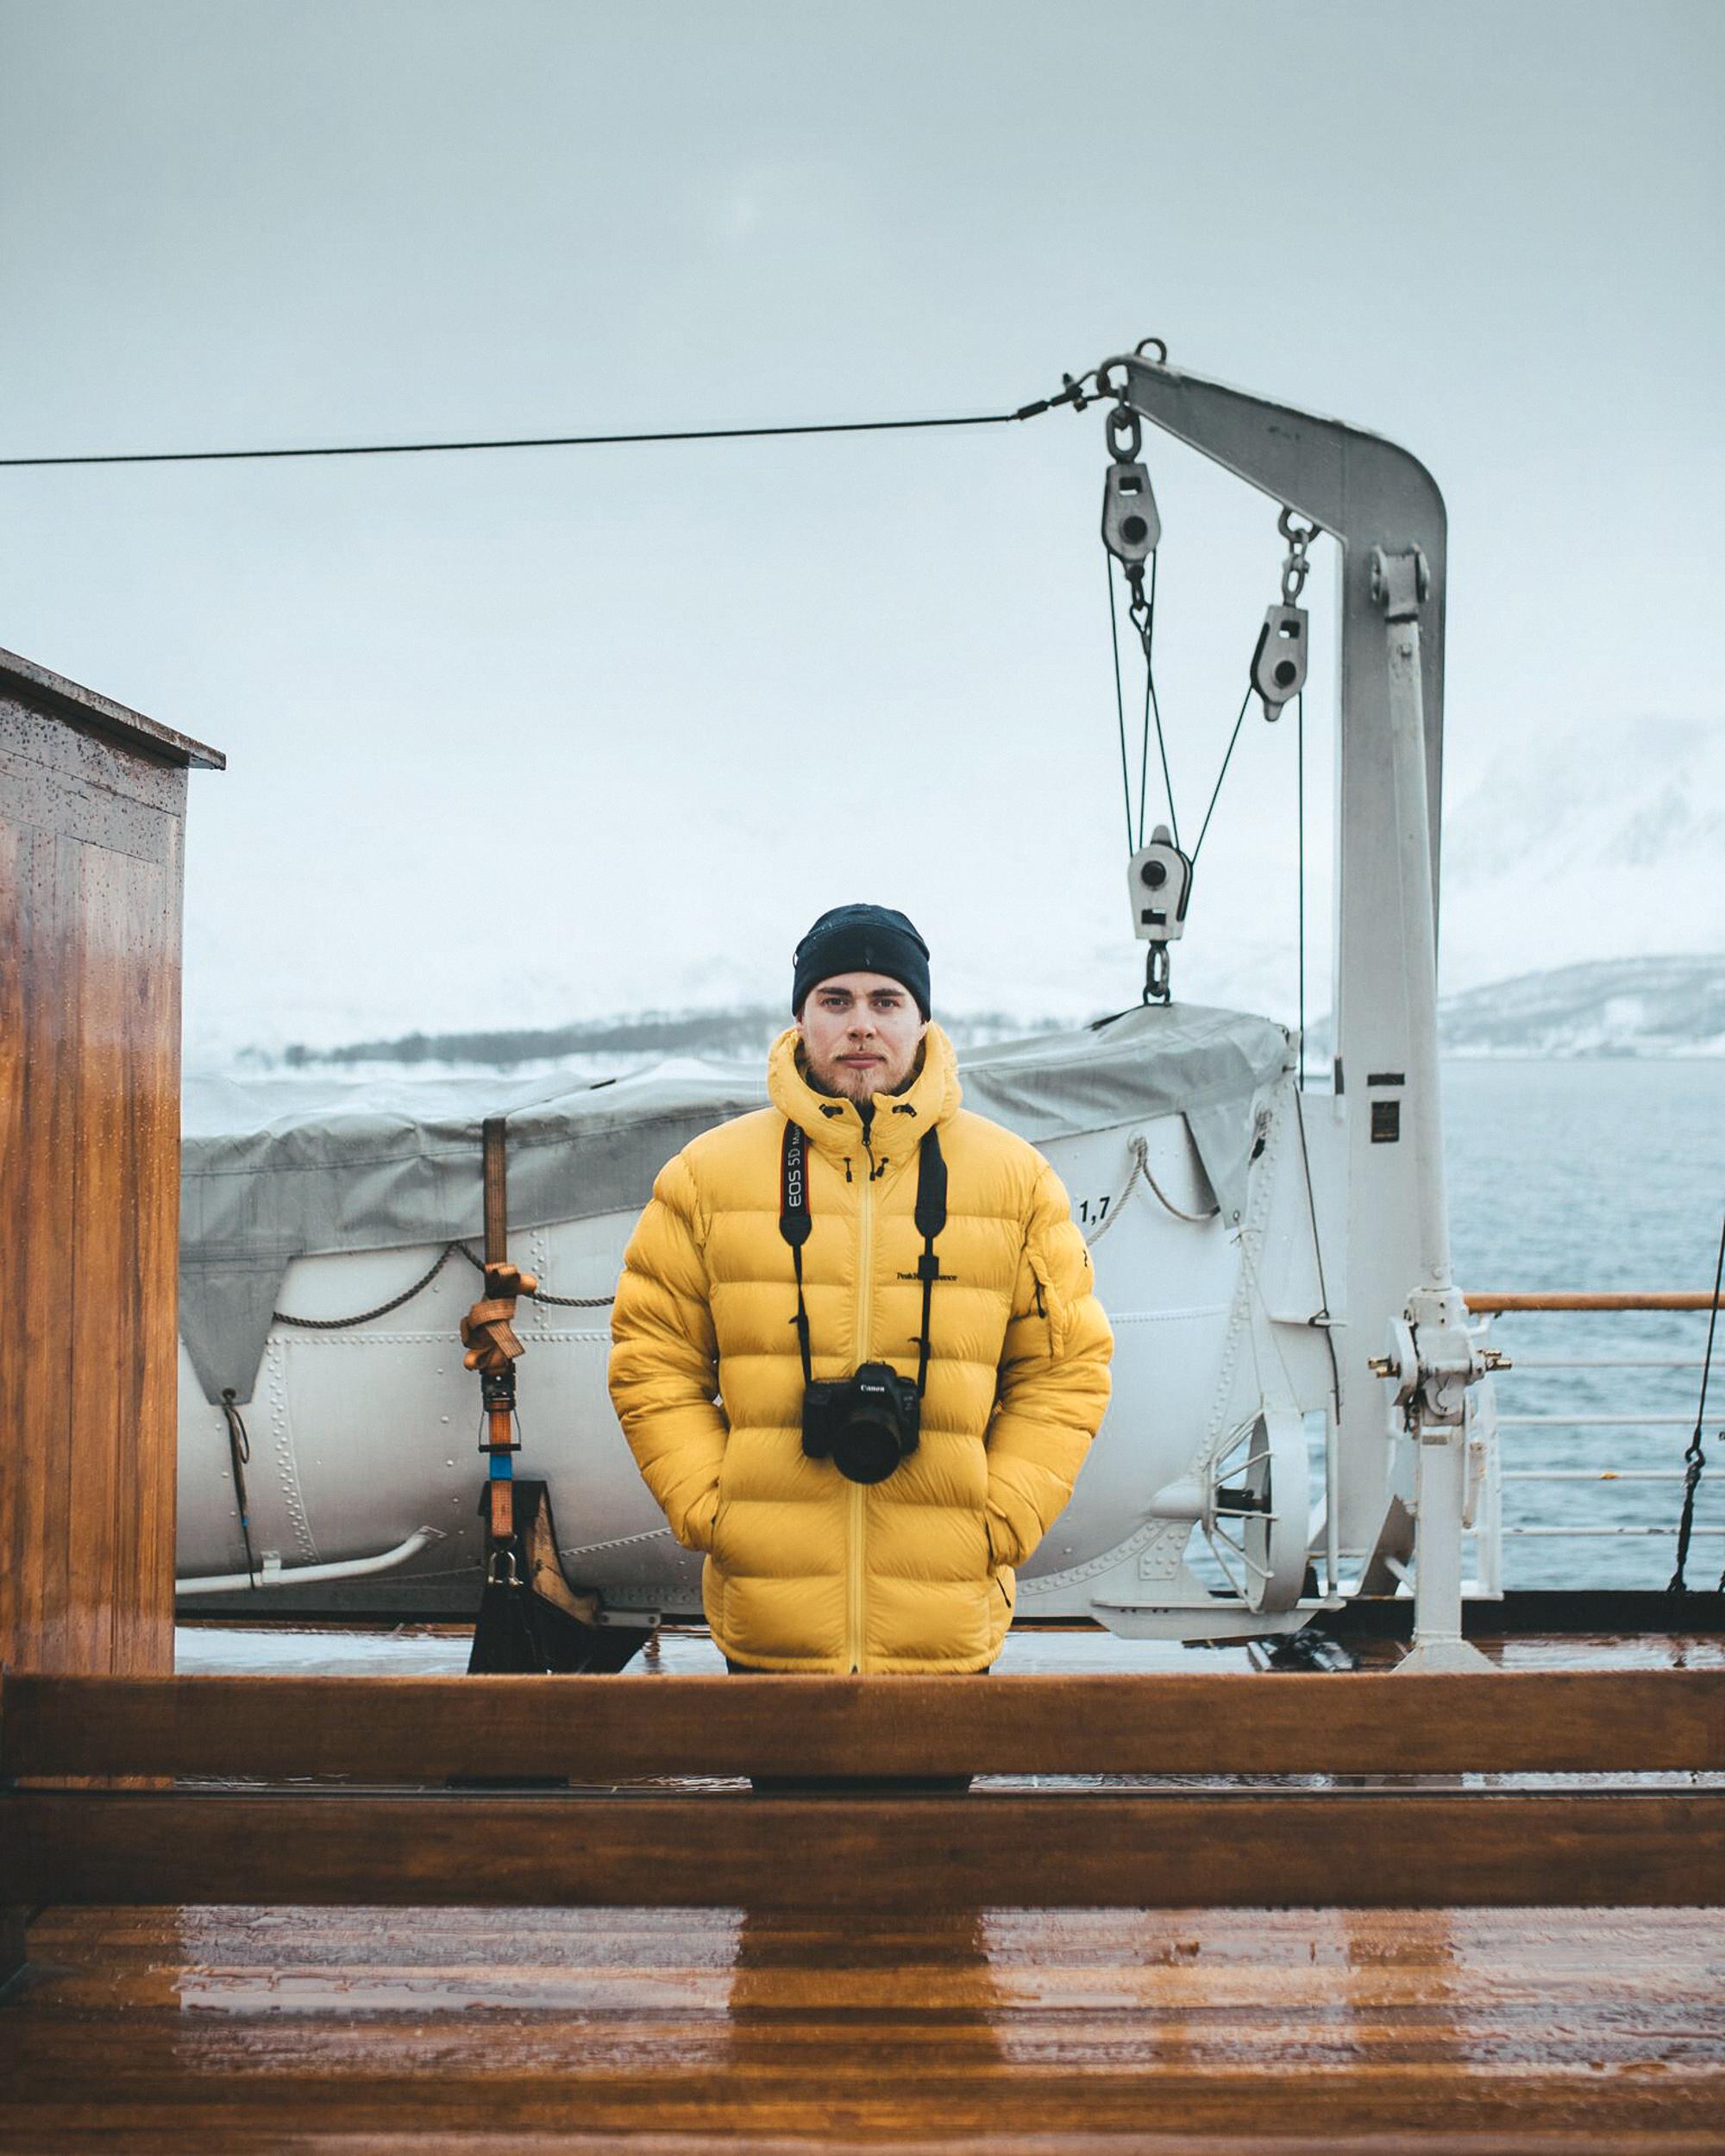 Hurtigruten arctic ski and sail